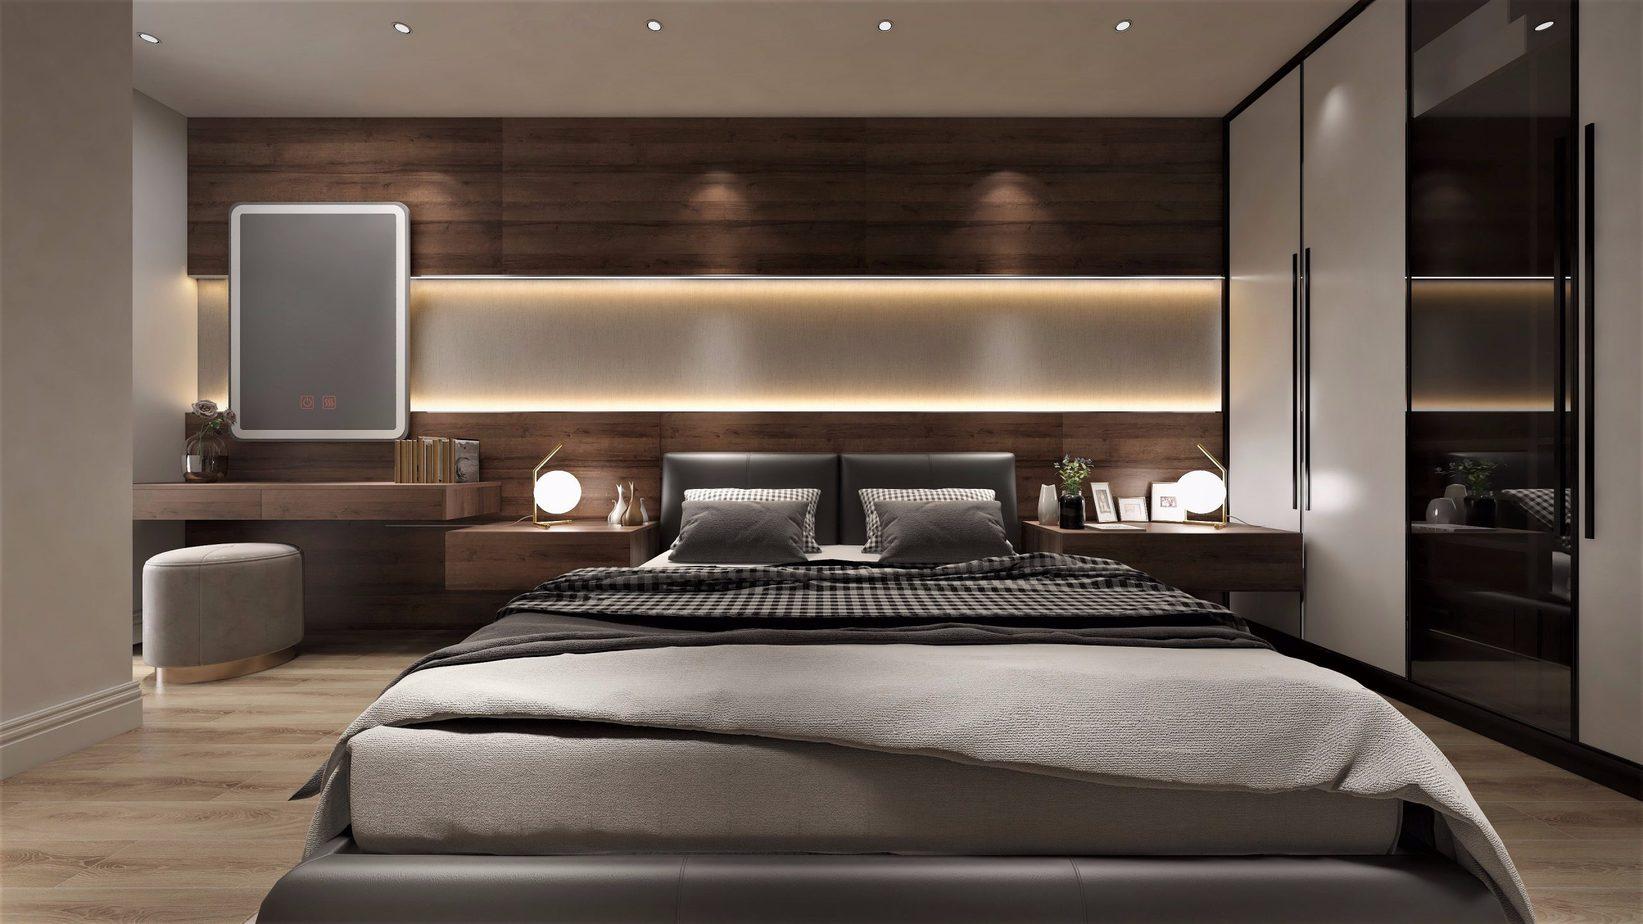 Giường cách tường và tủ quần áo một khoảng cách nhất định giúp vợ chồng dễ tiếp cận từ hai phía khác nhau